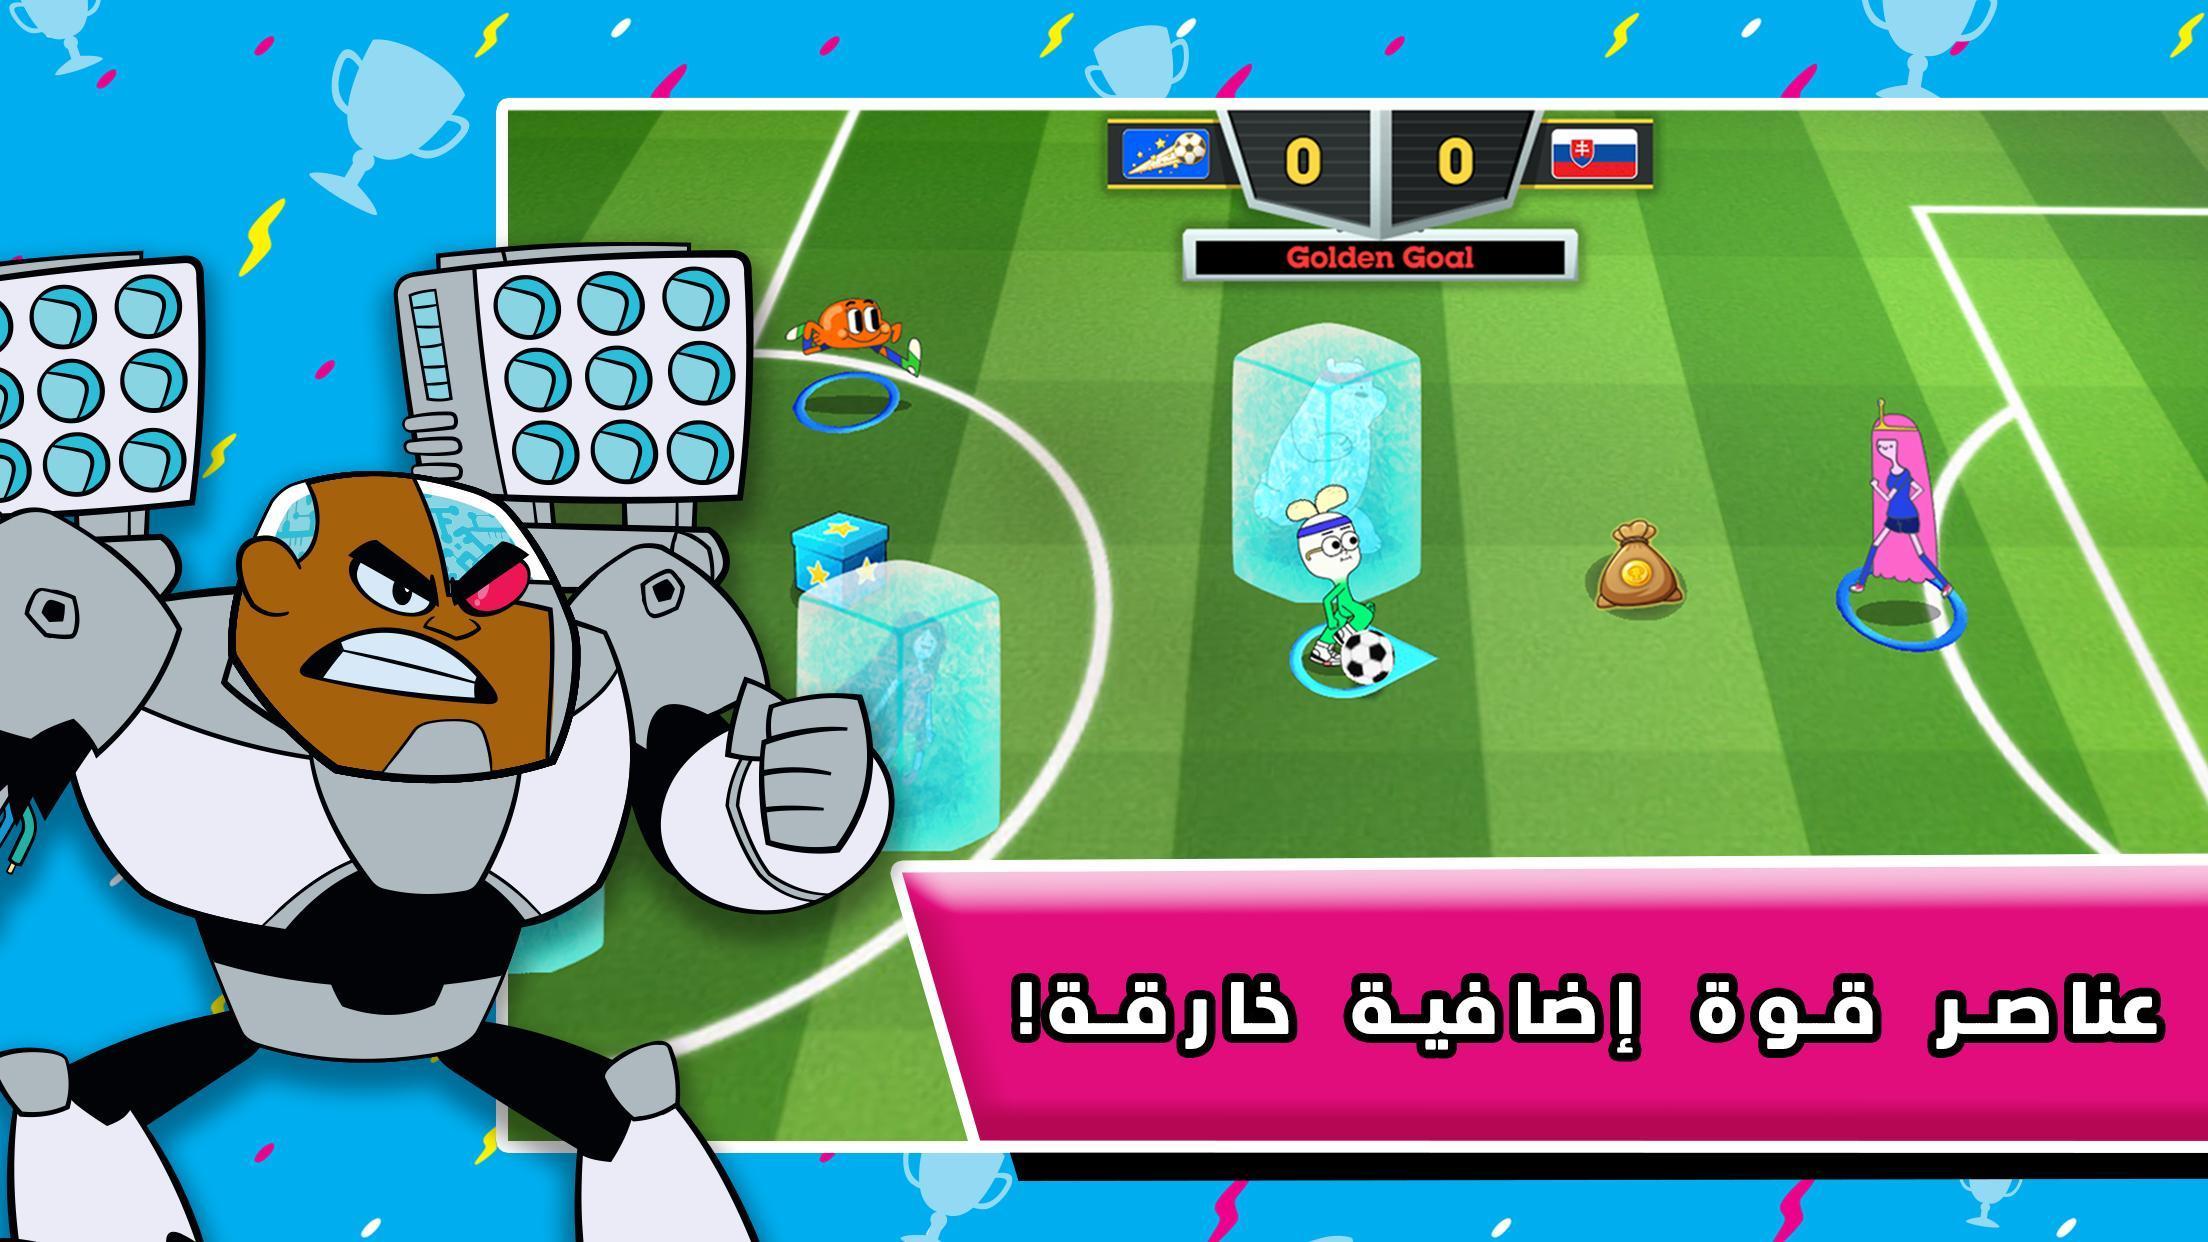 كأس تون لعبة كرة قدم For Android Apk Download